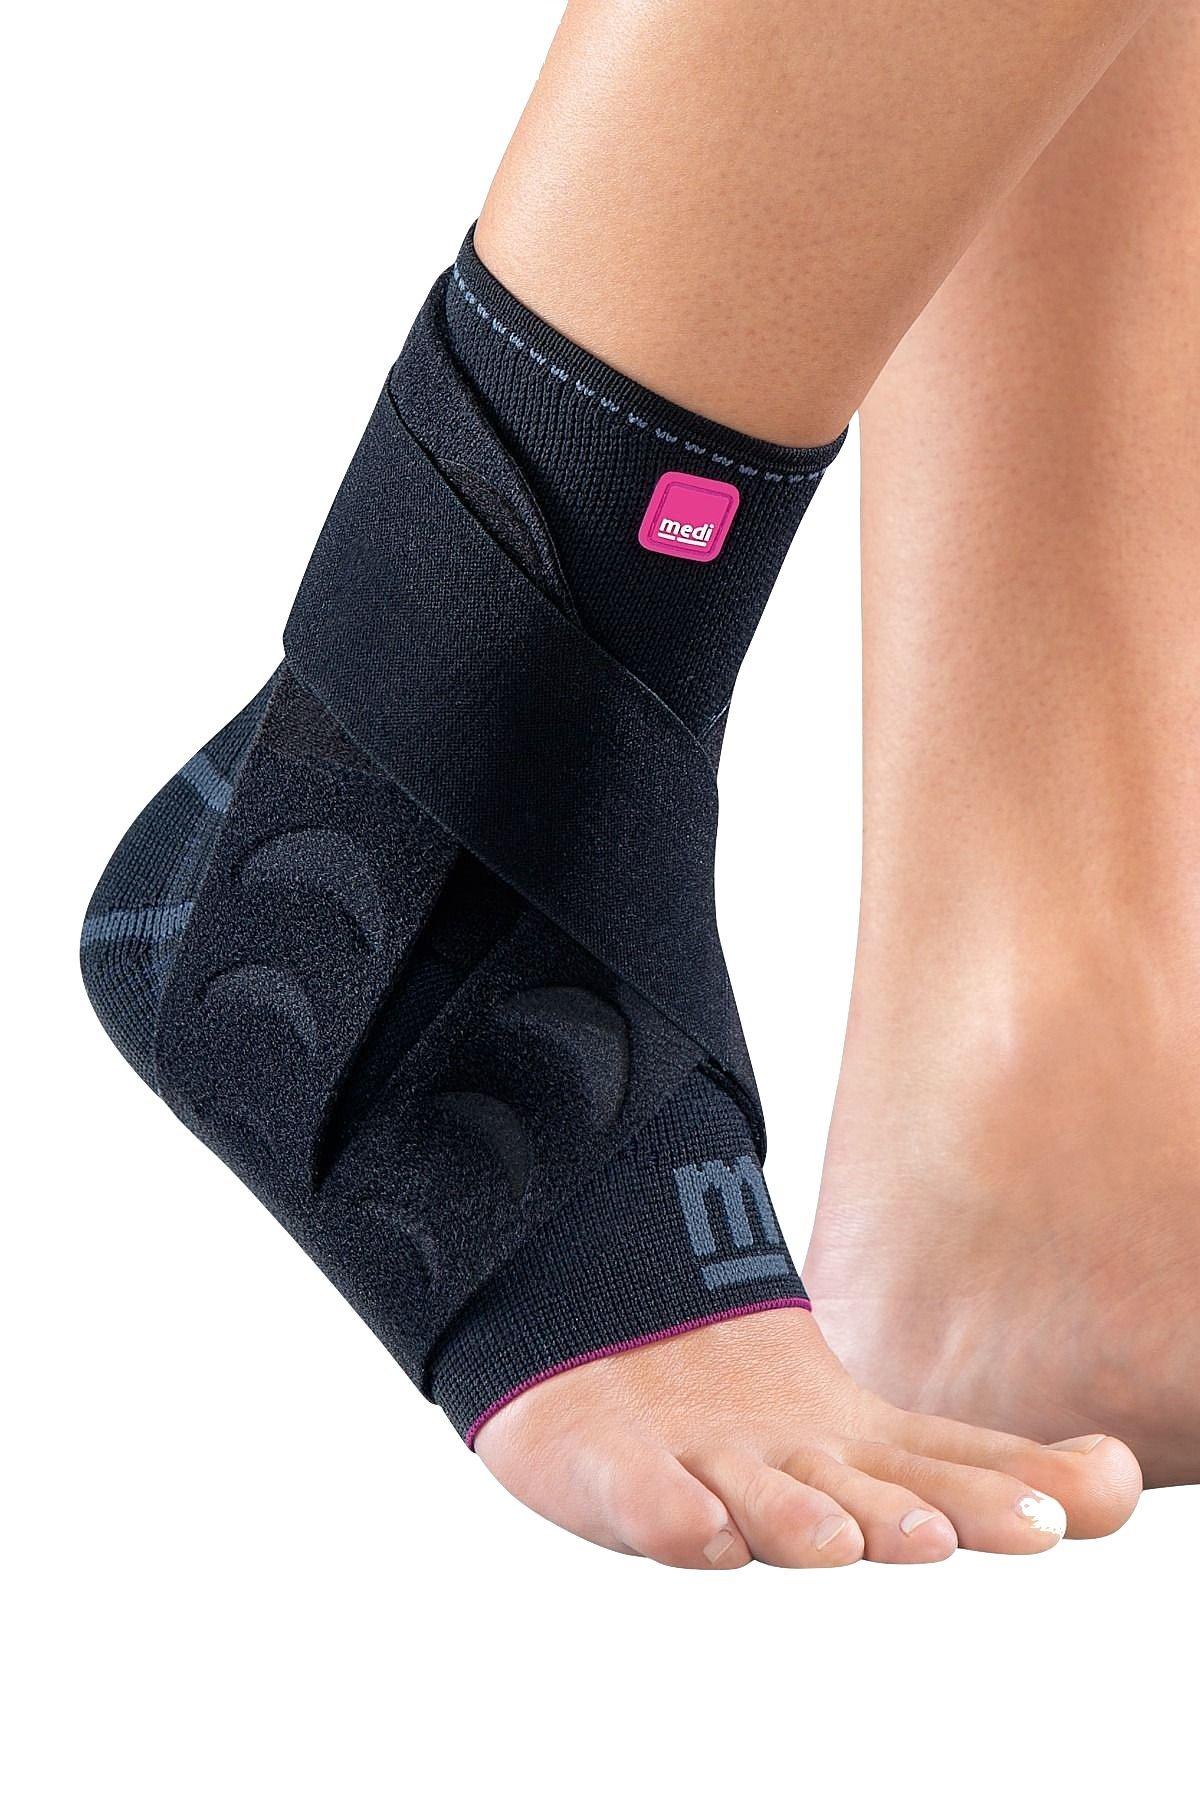 Medi Levamed Active Knit Ankle Support Left (Black) Size 1